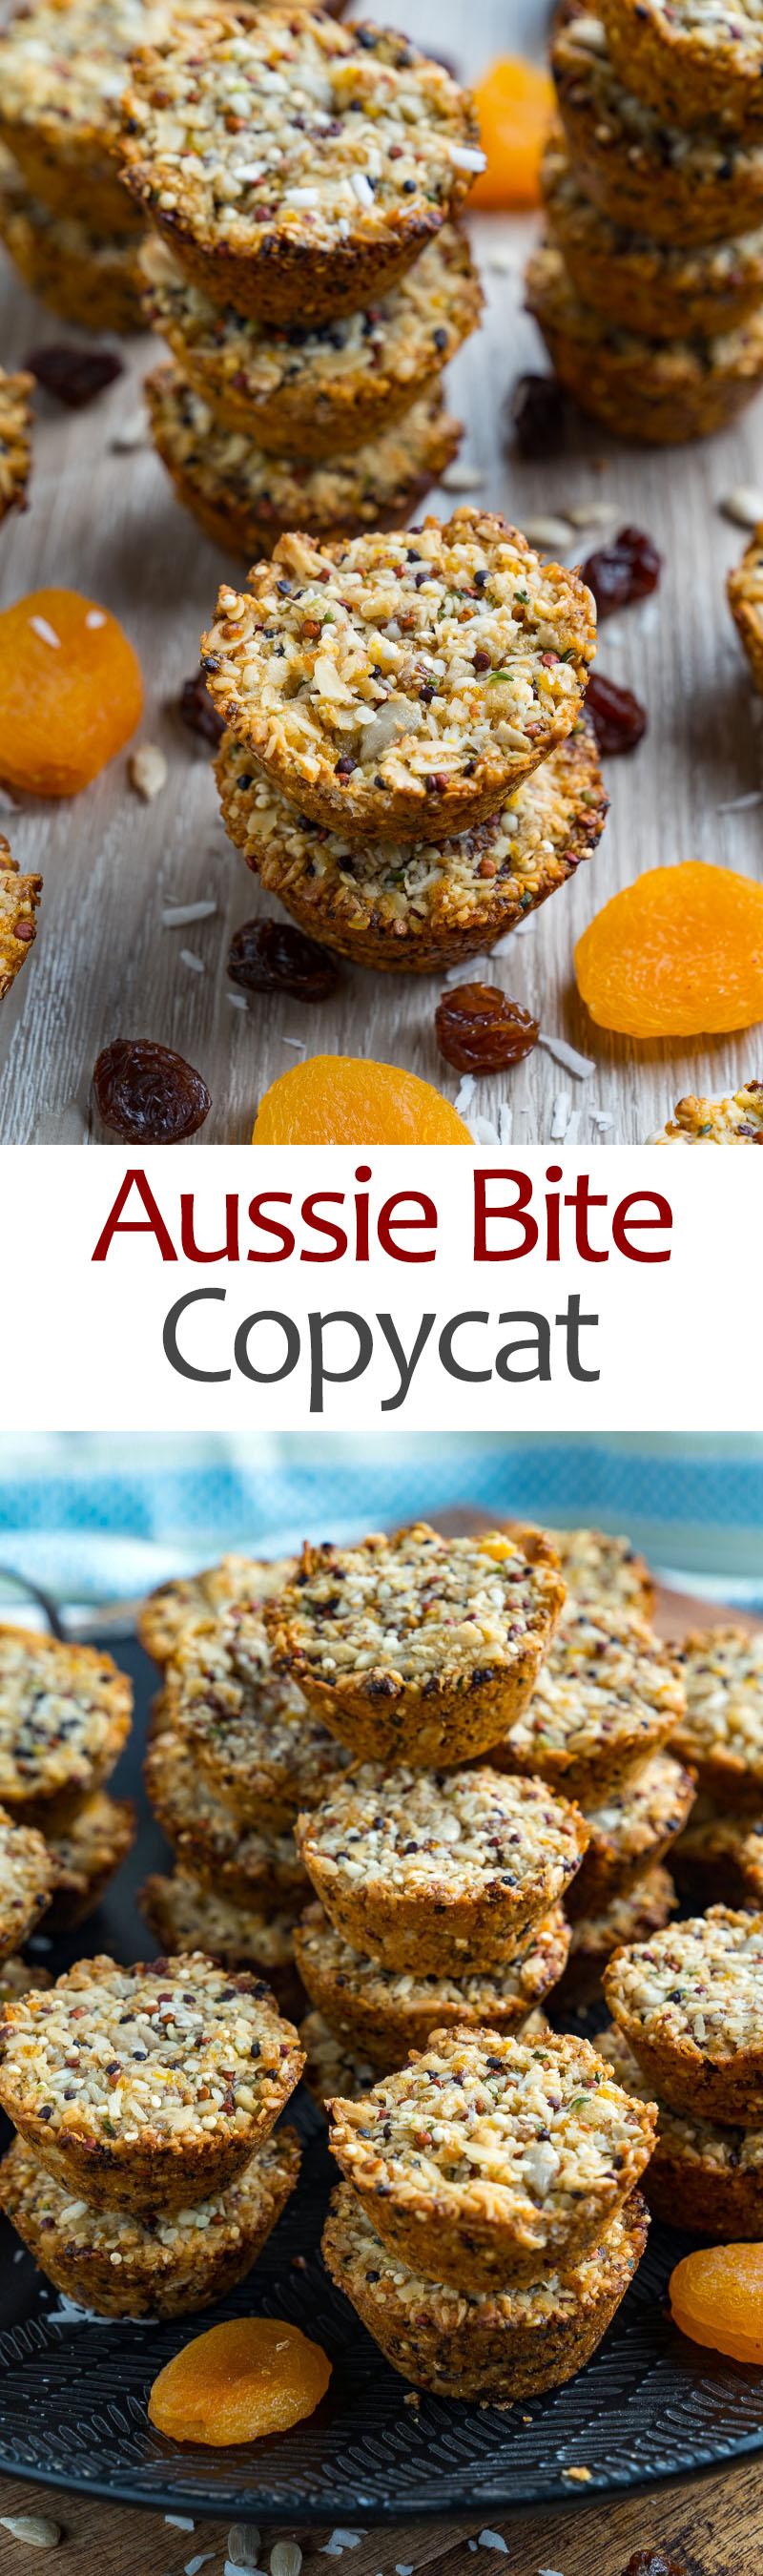 Aussie Bite Copycat